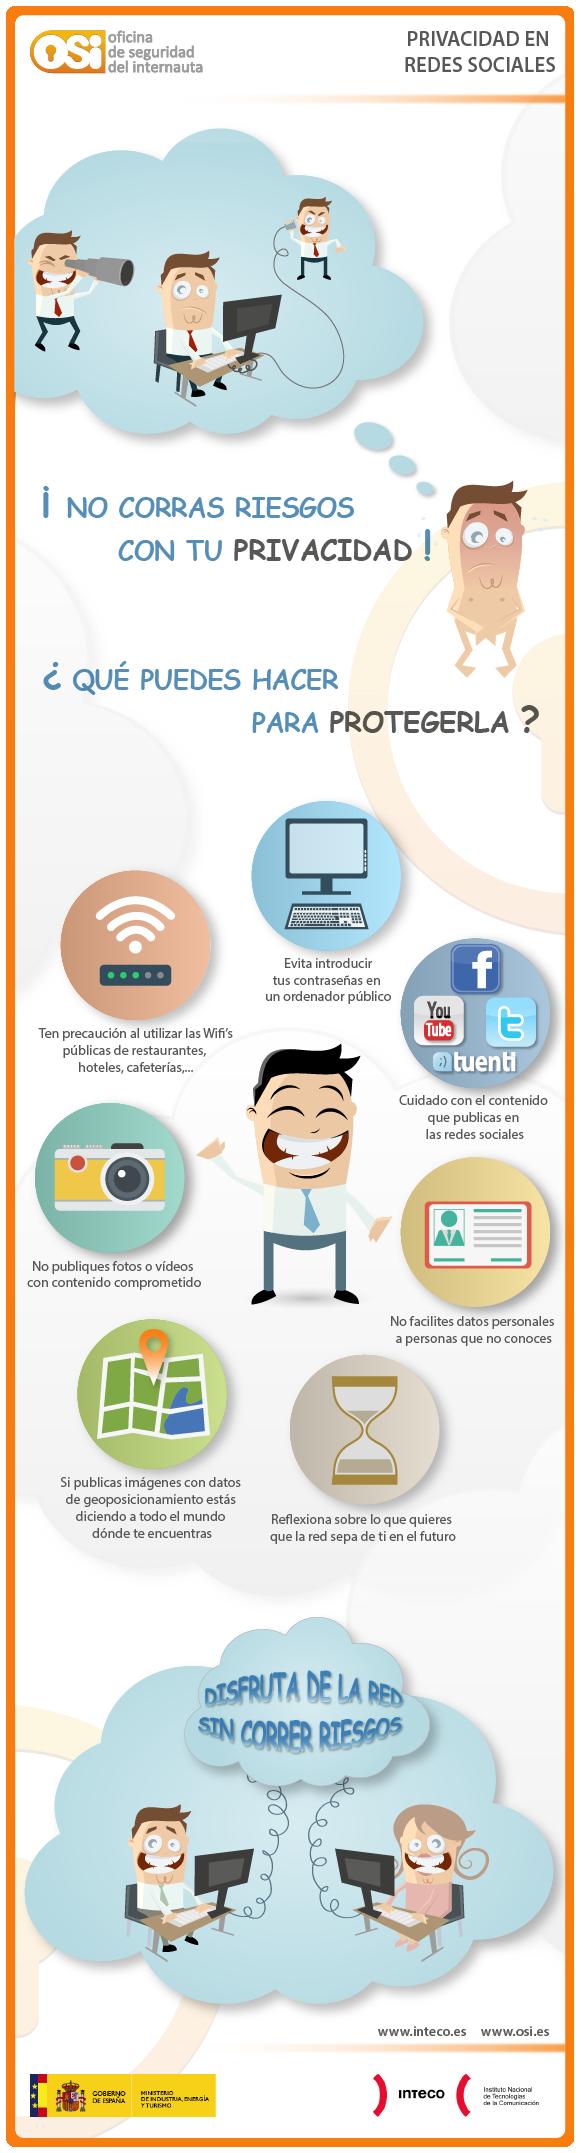 Qu puedes hacer para proteger tu privacidad oficina for Oficina seguridad internauta